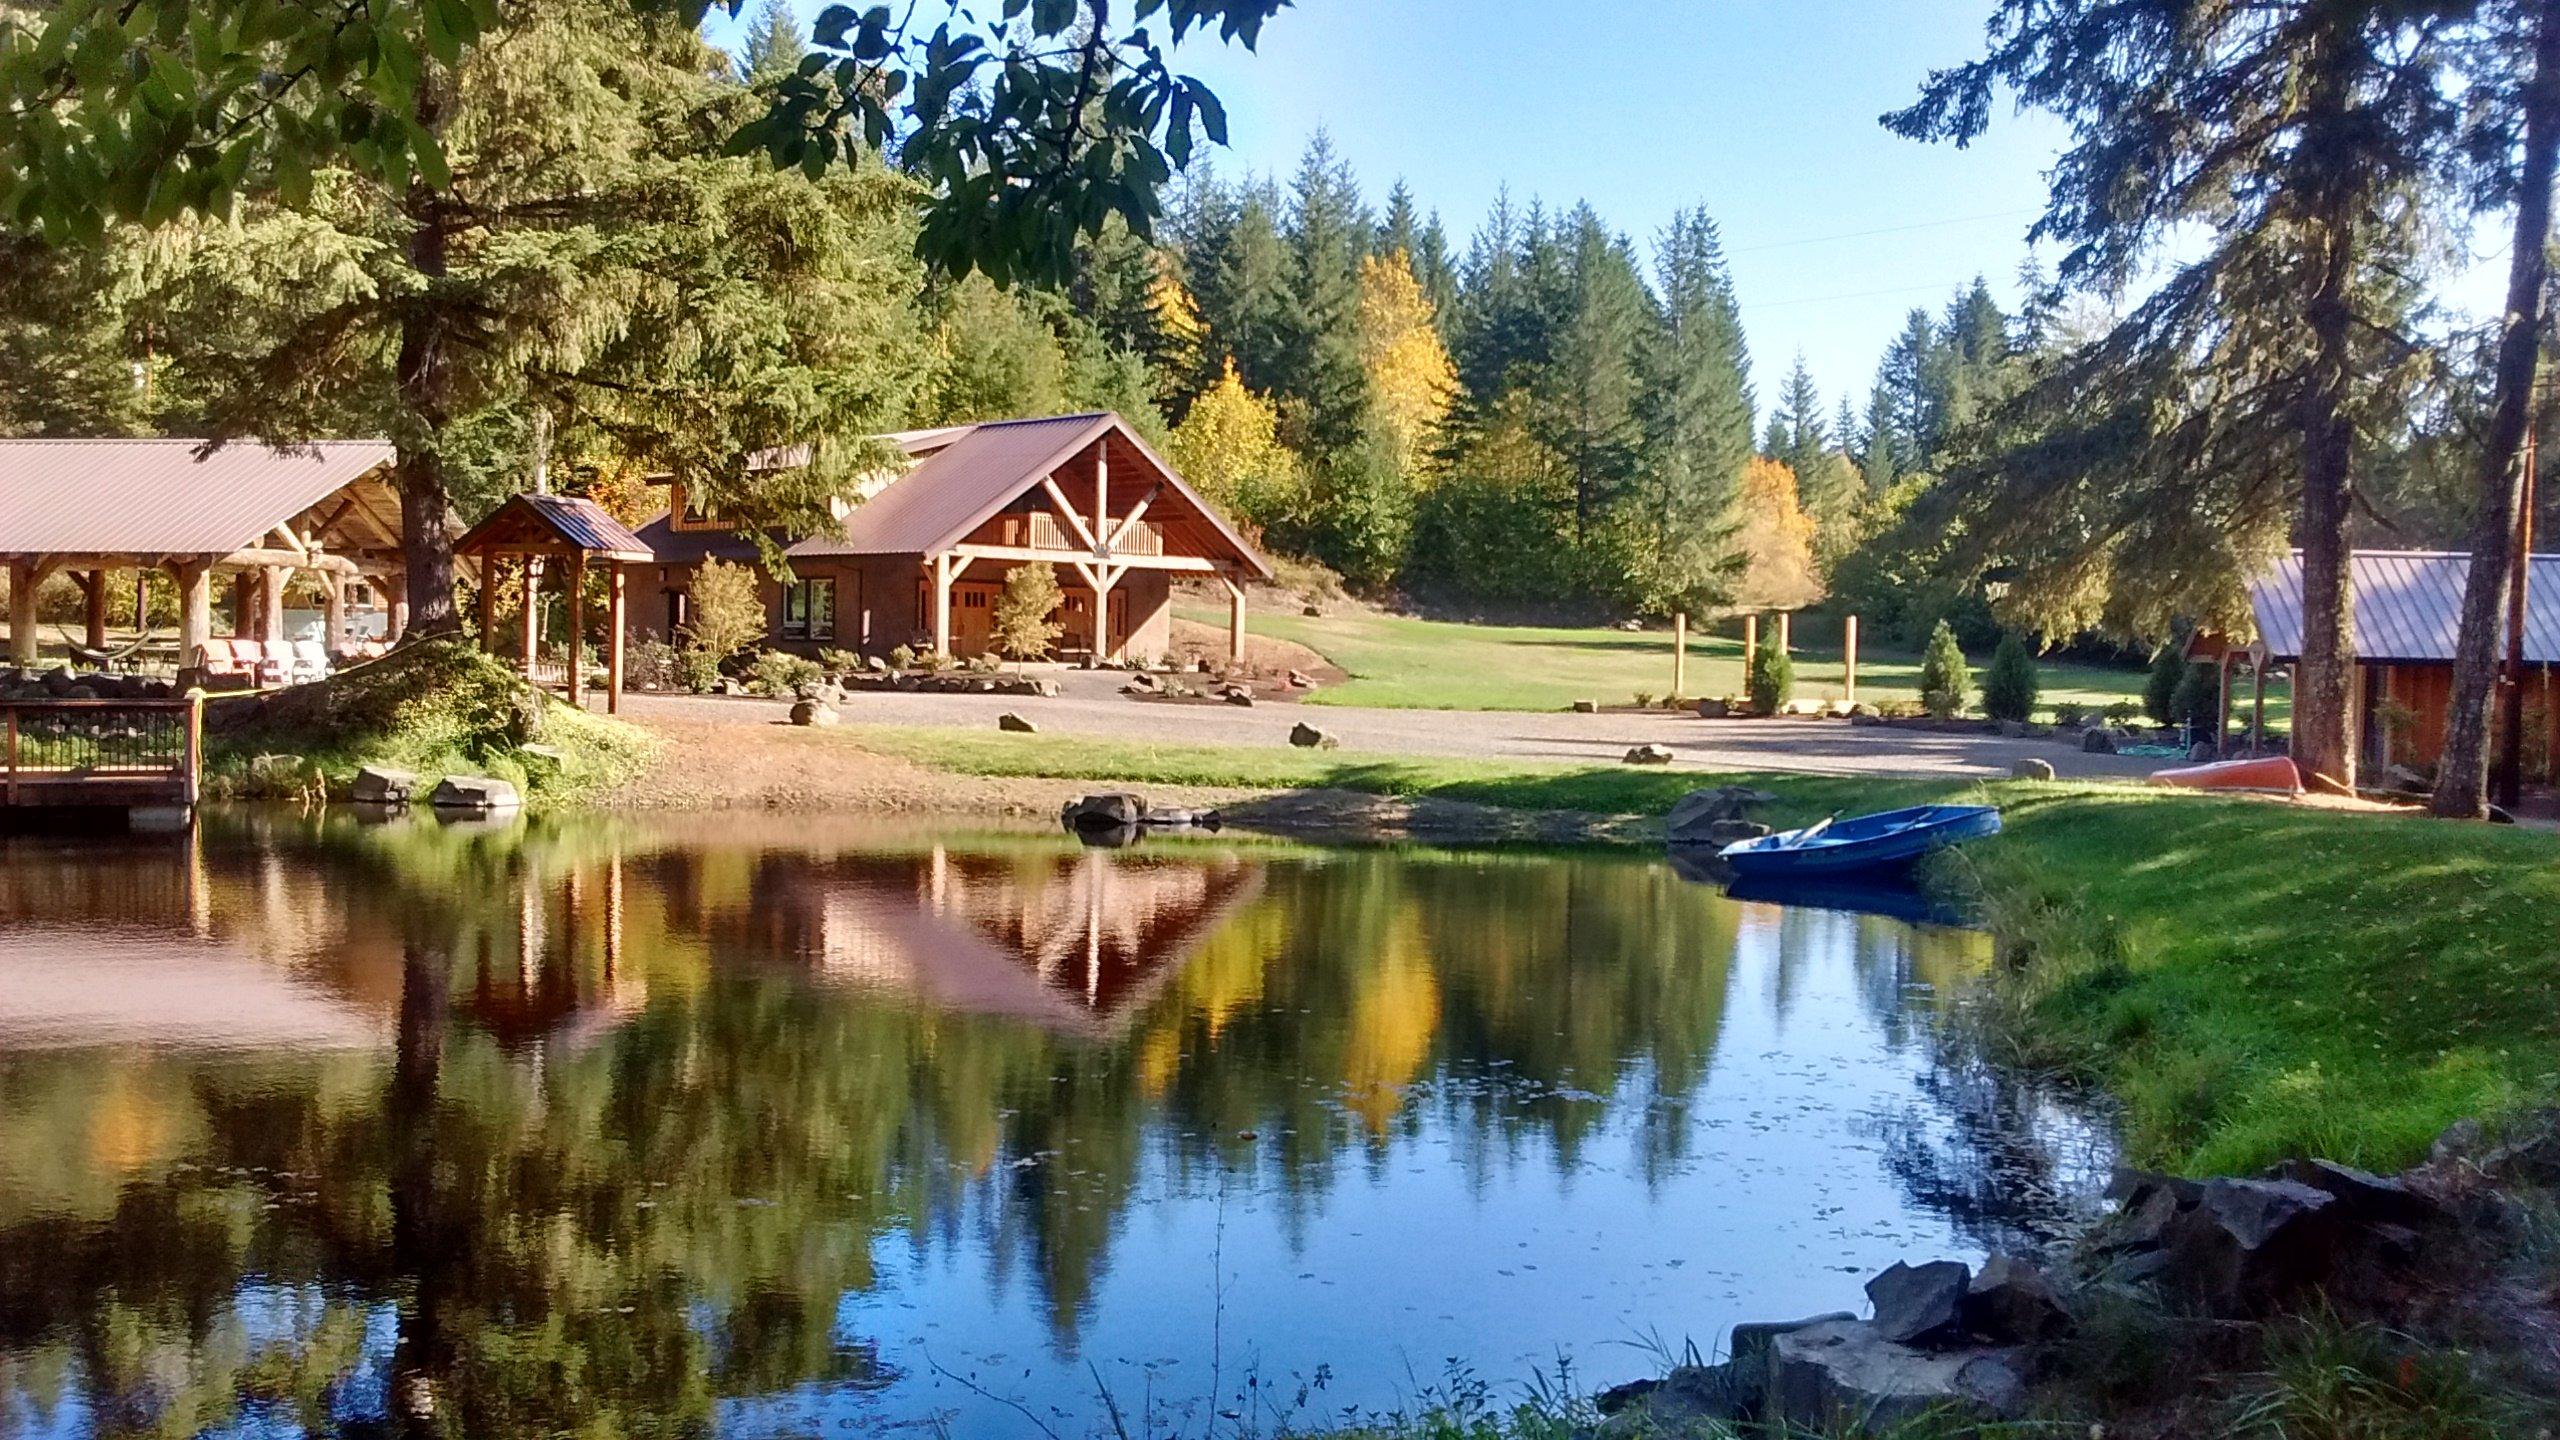 Vernonia Springs Eco Park